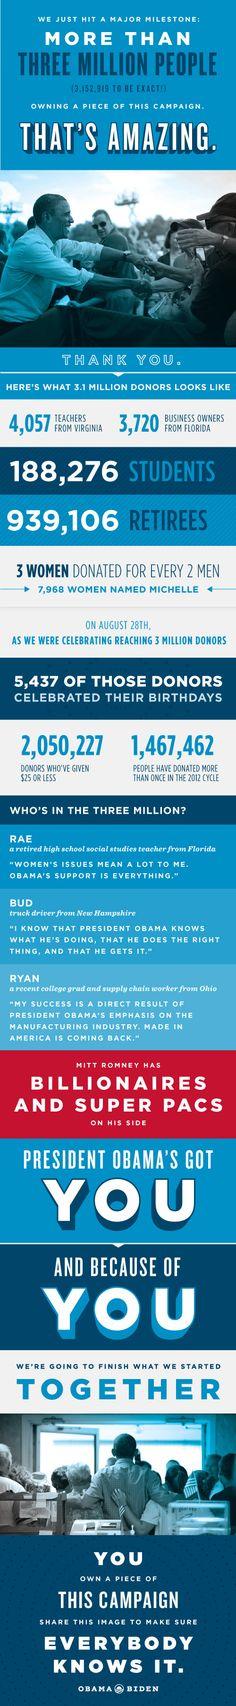 Three million people - Obama 2012